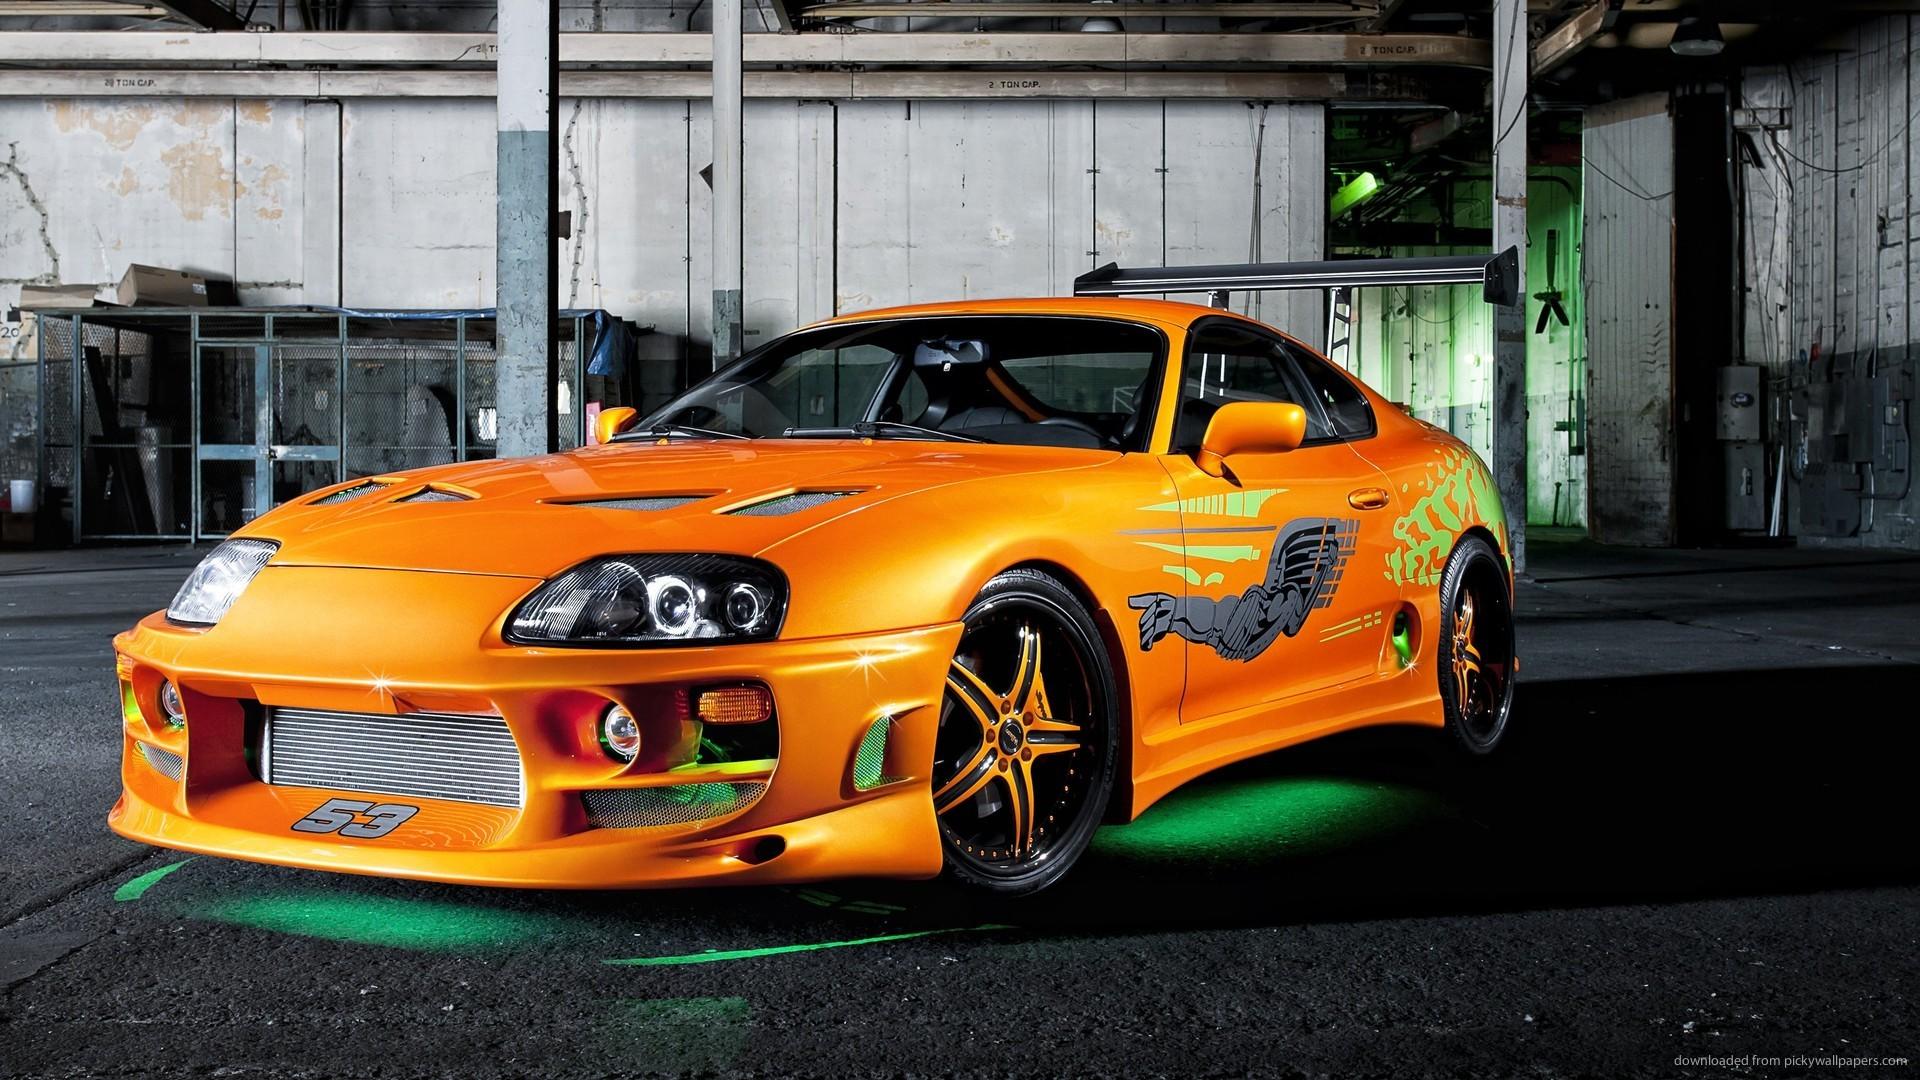 Tuned Orange Toyota Supra picture